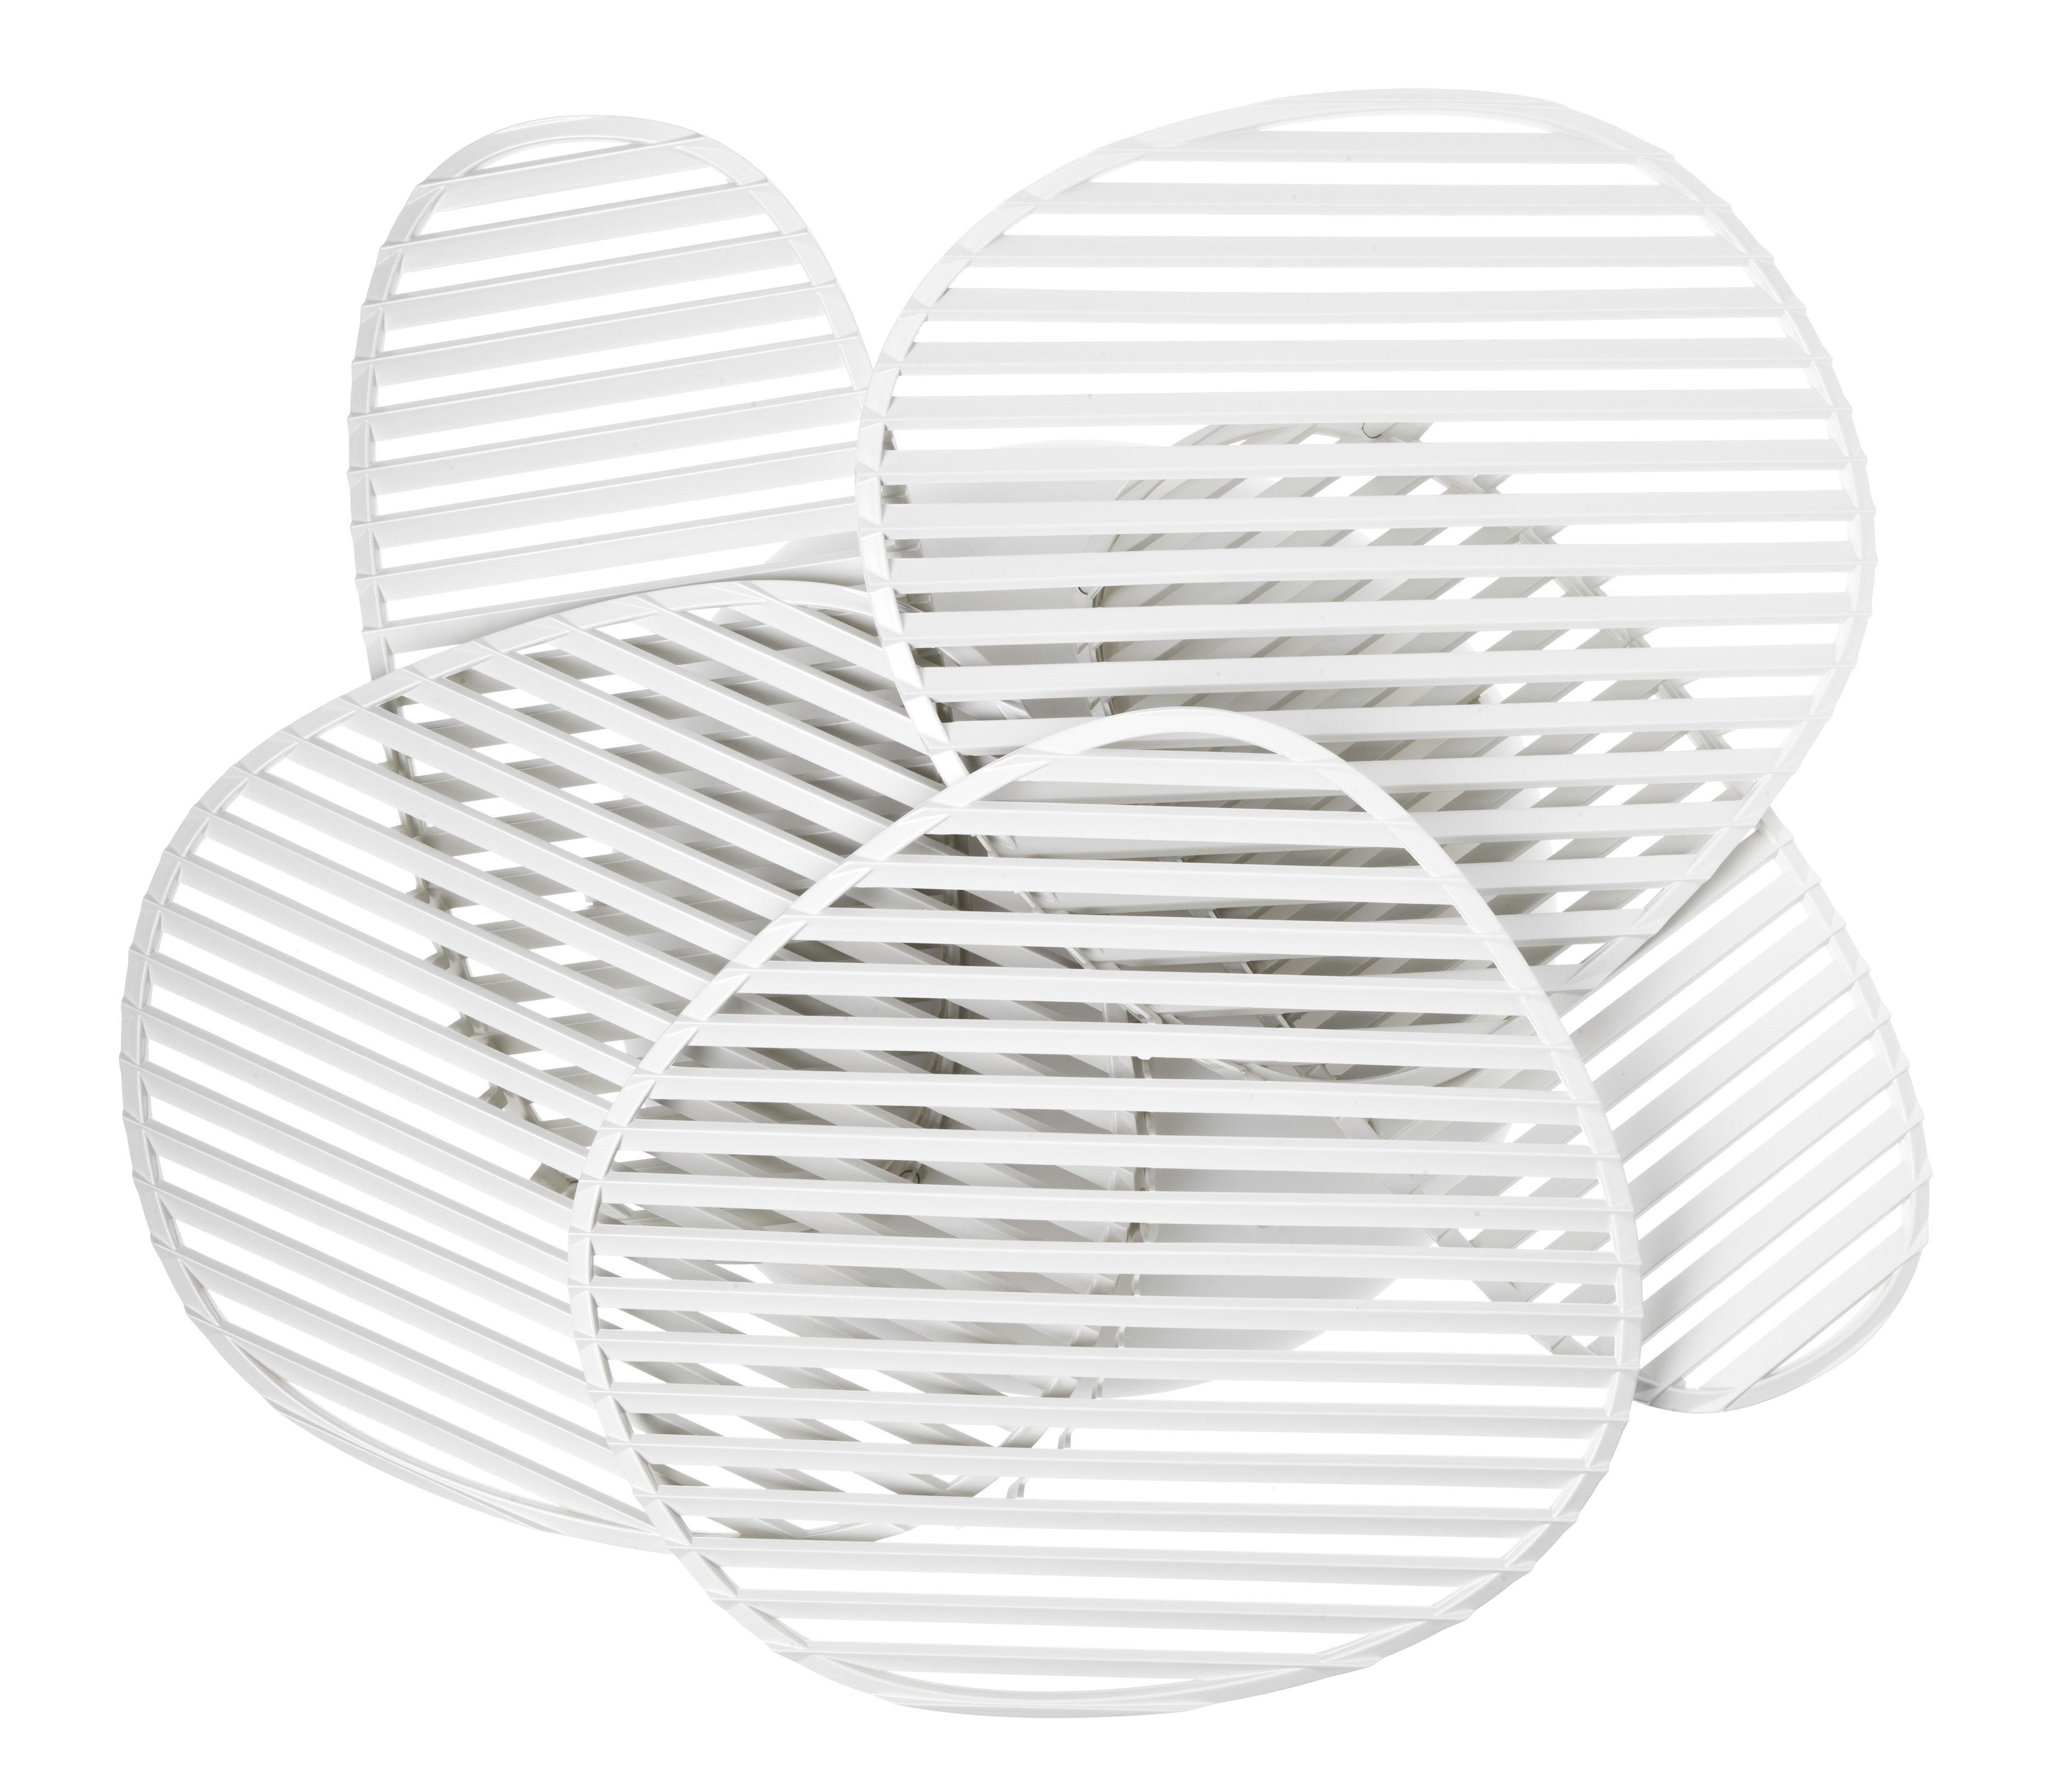 Illuminazione - Lampade da parete - Applique Nuage - / Plafoniera - L 63 x H 54 cm di Foscarini - Bianco - ABS, policarbonato